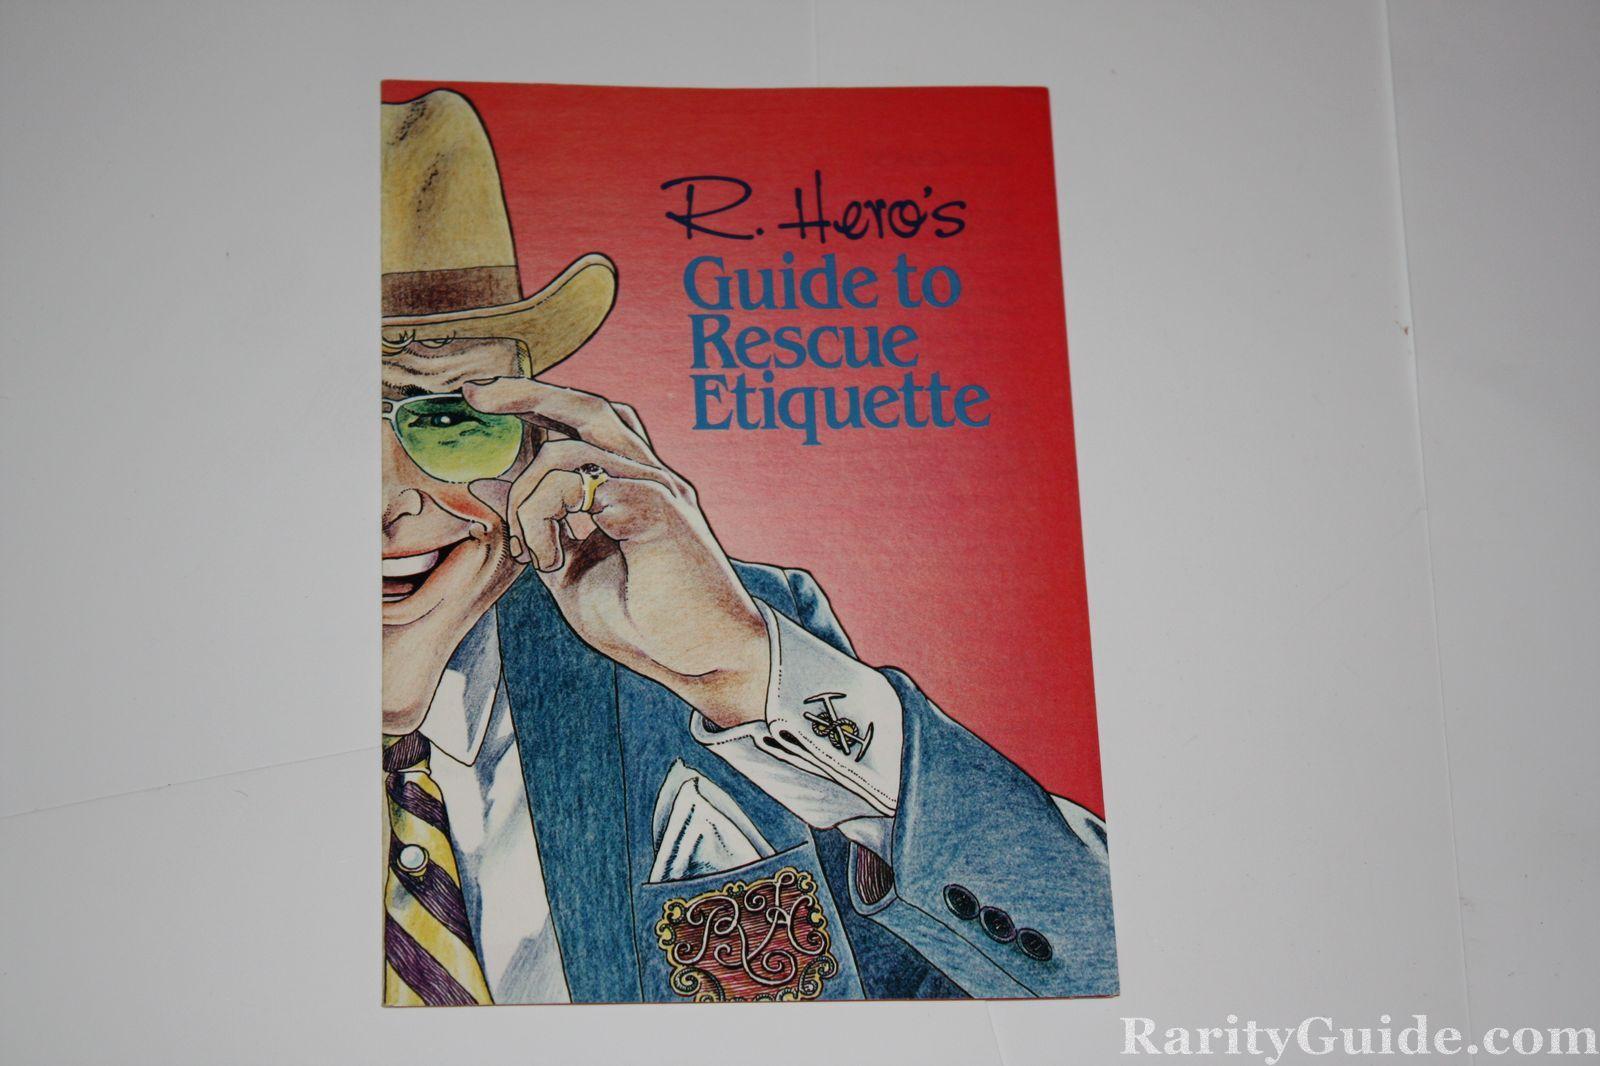 Guide to Rescue Etiquette